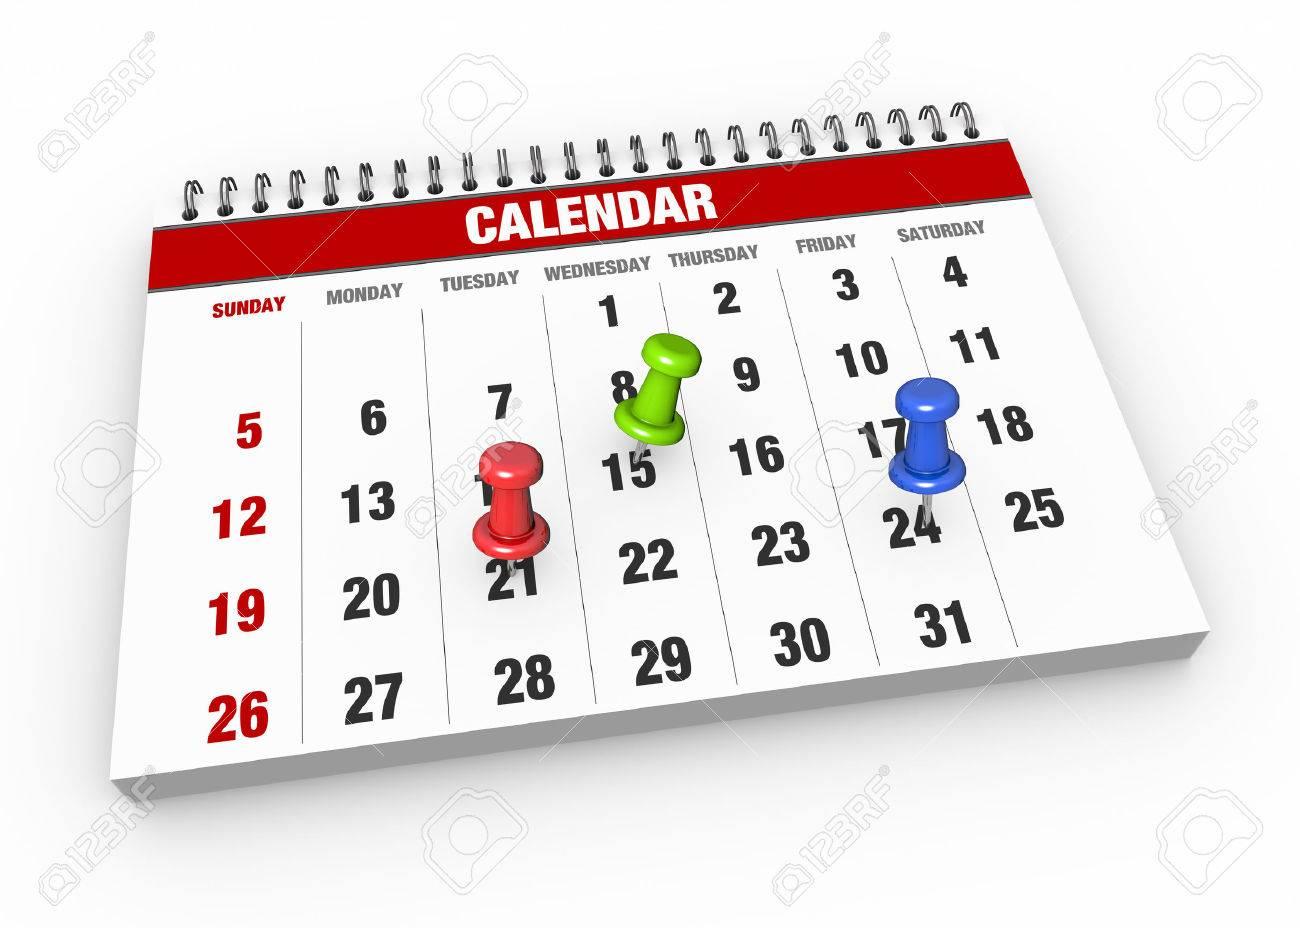 Marca Calendario.Calendario Con Marca De Verificacion Como Concepto